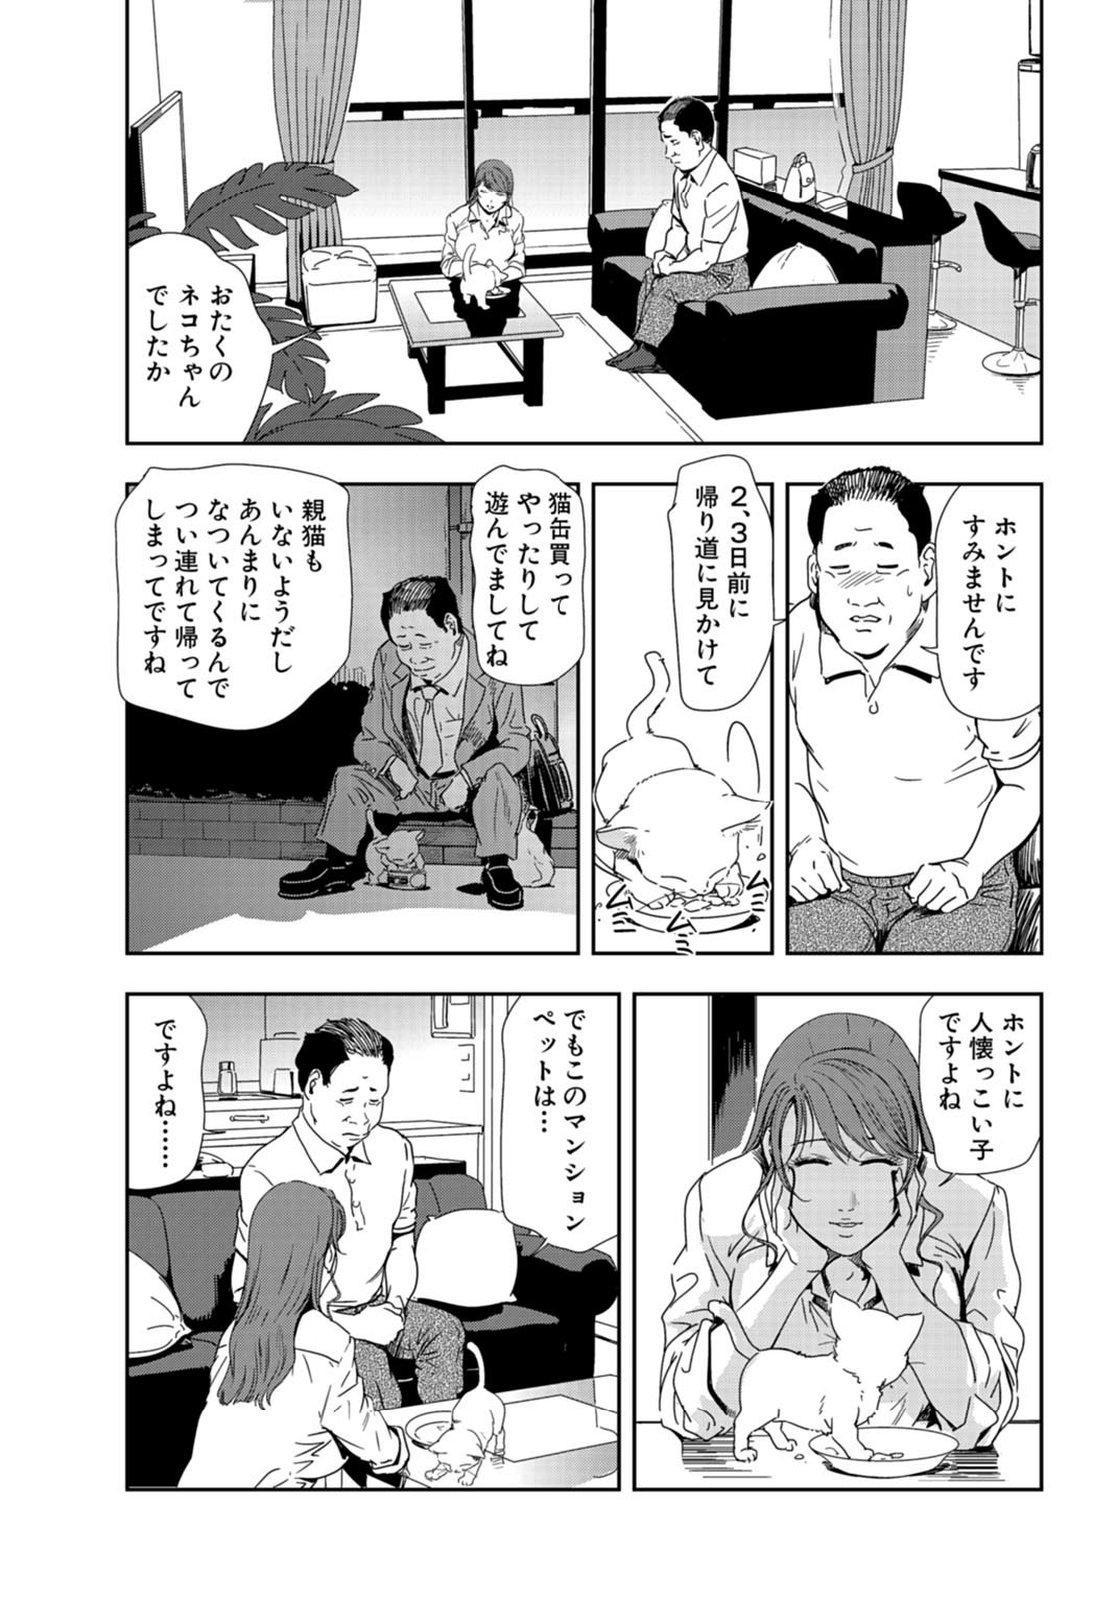 Nikuhisyo Yukiko 21 58